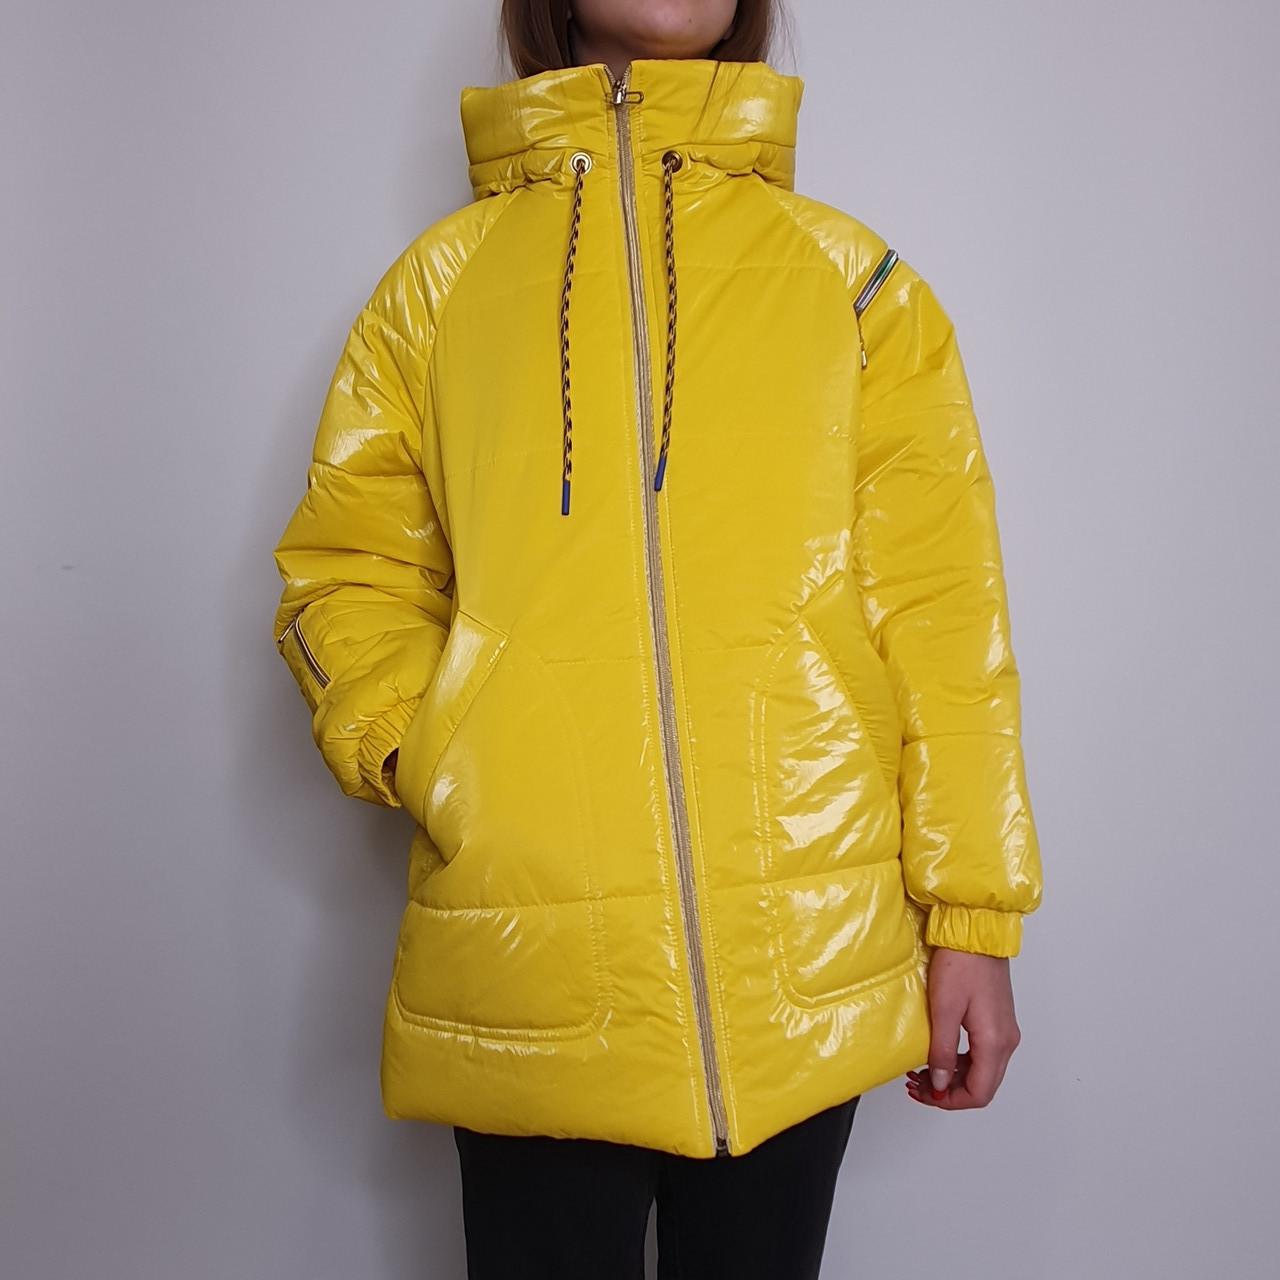 Яркая стильная подростковая куртка из плащевки демисезон на девочку с капюшоном весна-осень от производителя